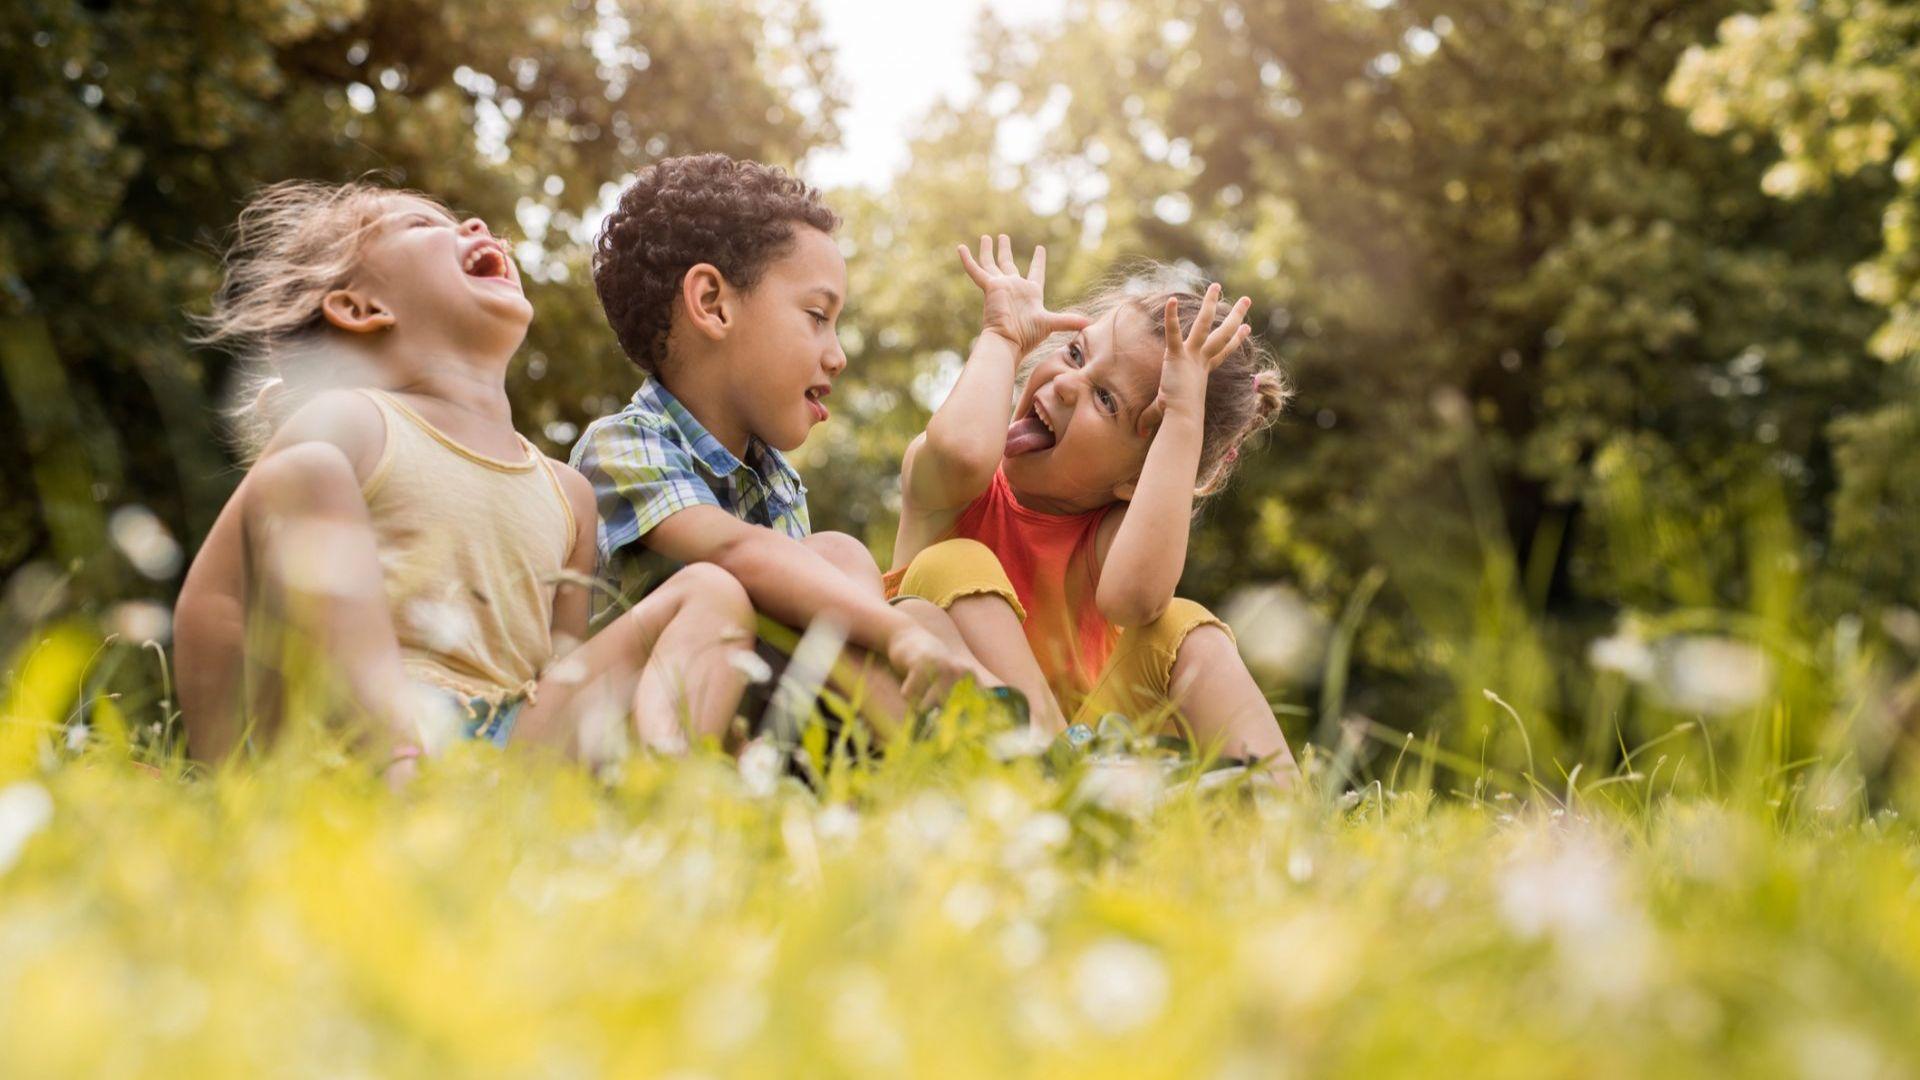 Днес отбелязваме Международния ден на щастието